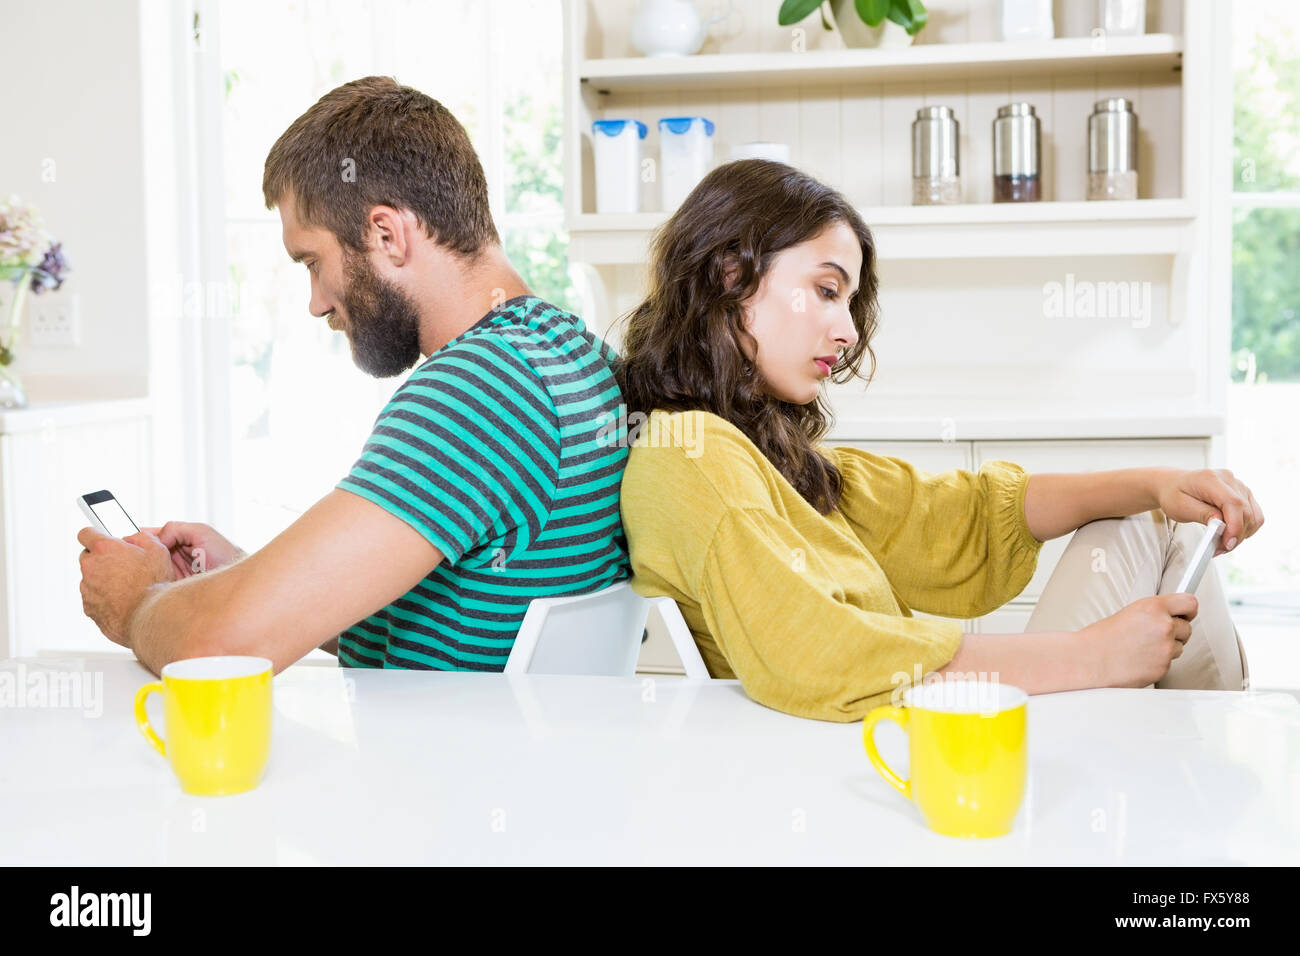 Paar sitzen Rücken an Rücken und Text messing auf Handy Stockfoto